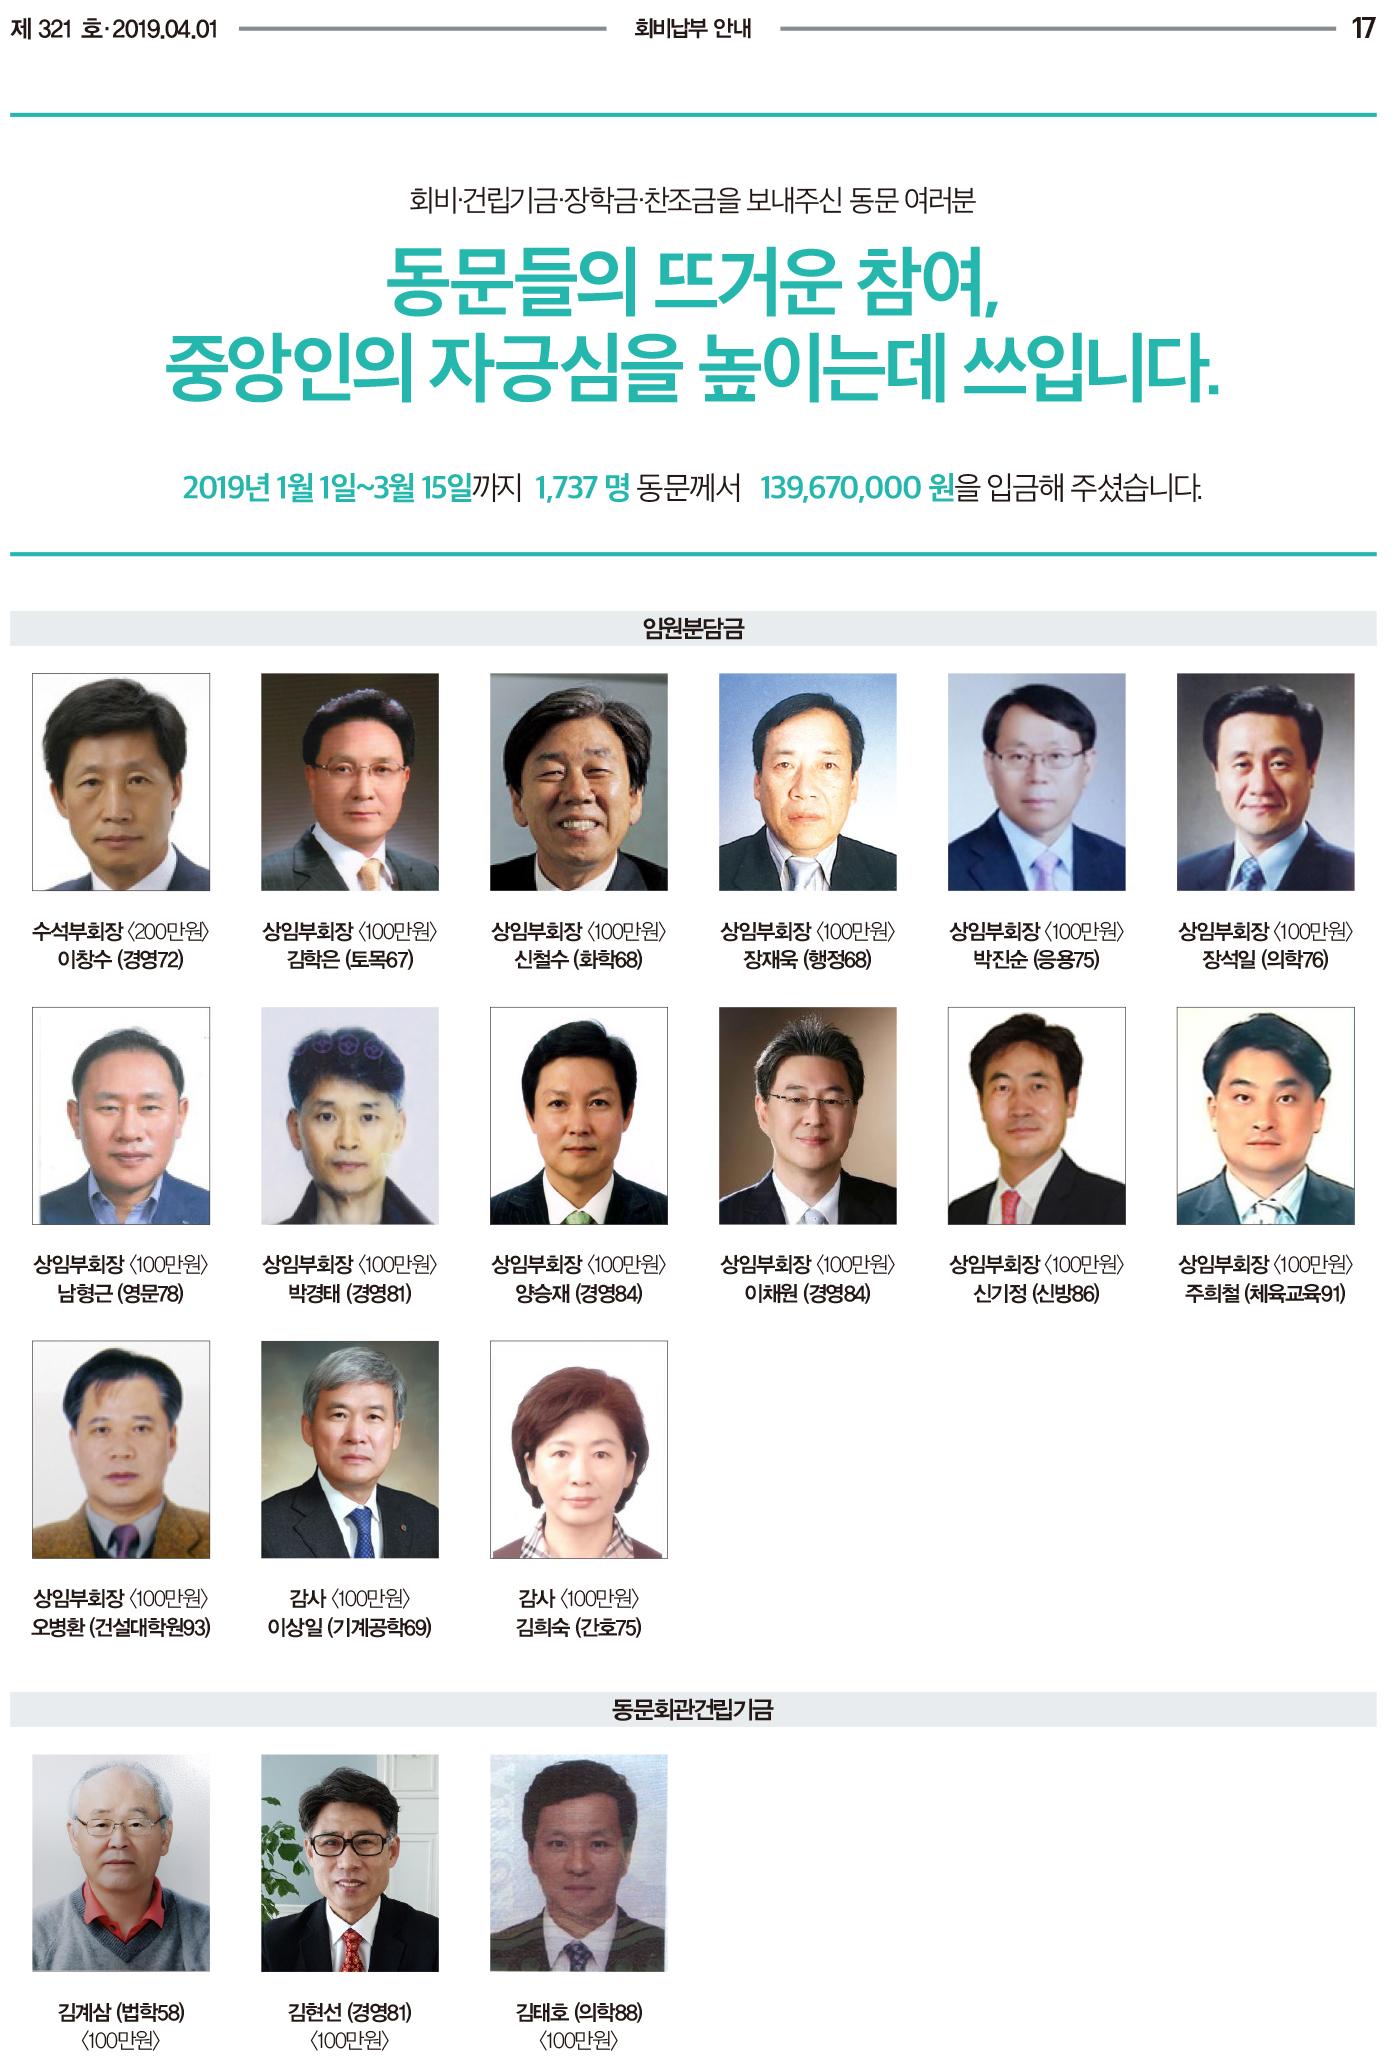 중앙대학교_동문회보_321호-17.jpg